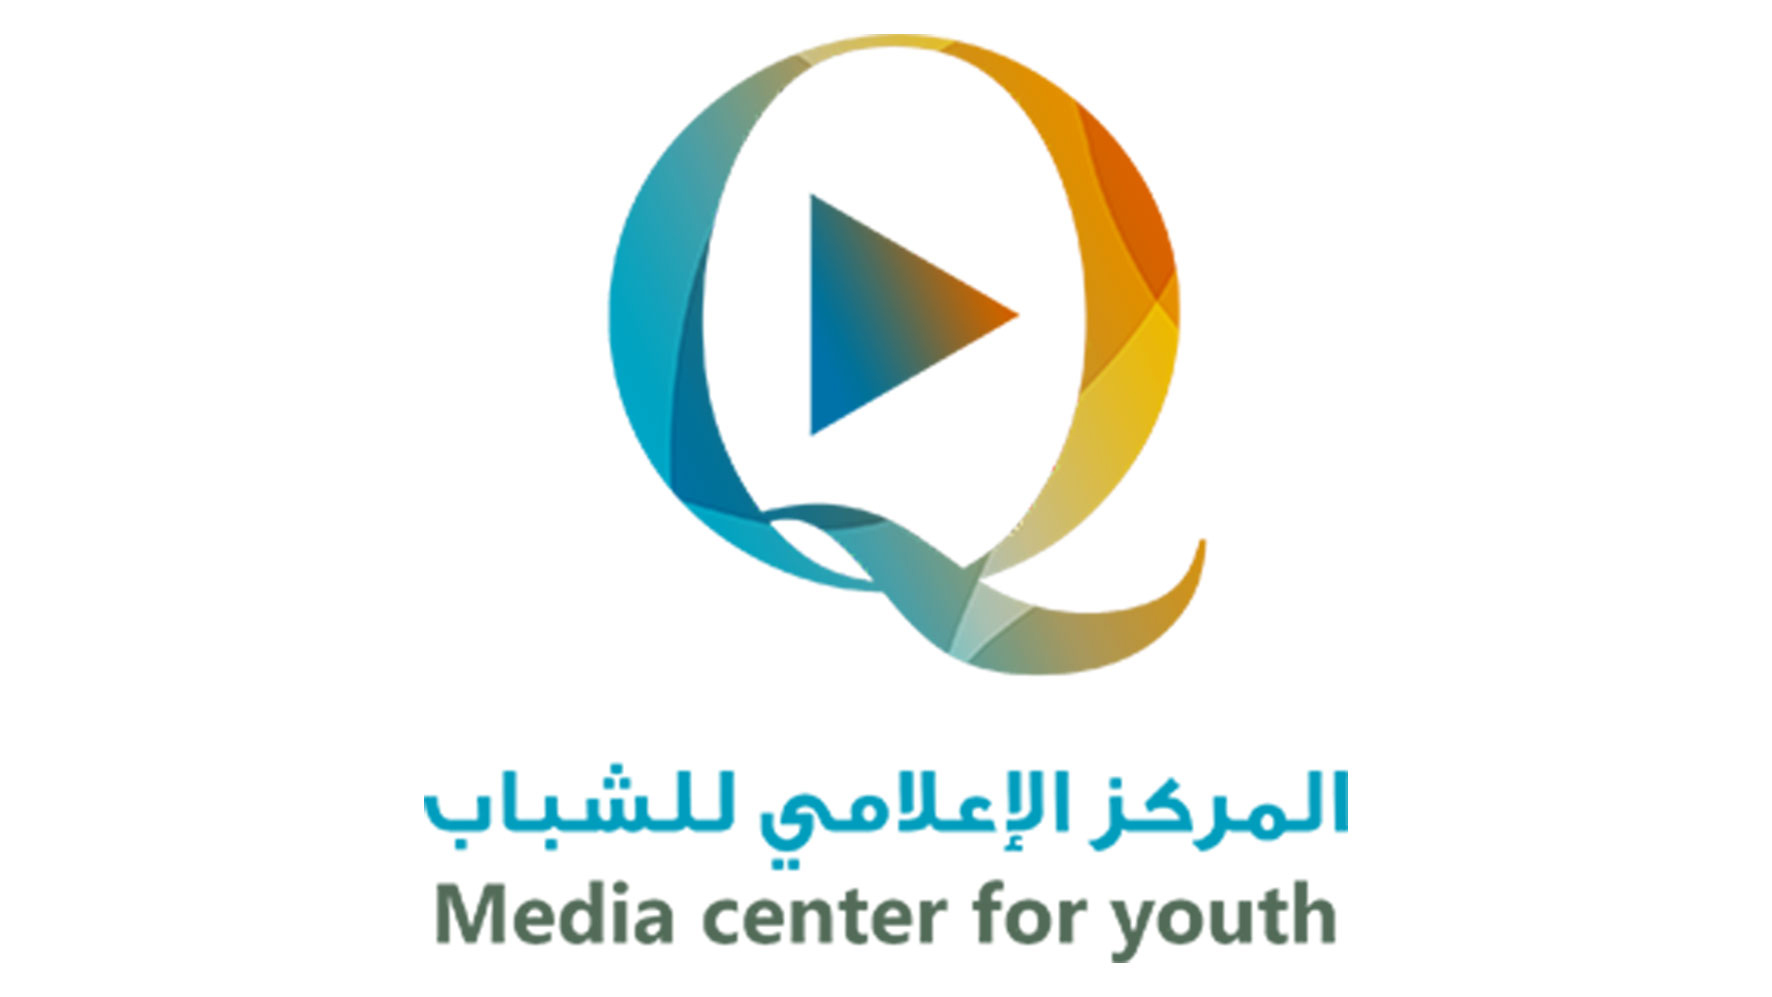 المركز الإعلامي للشباب